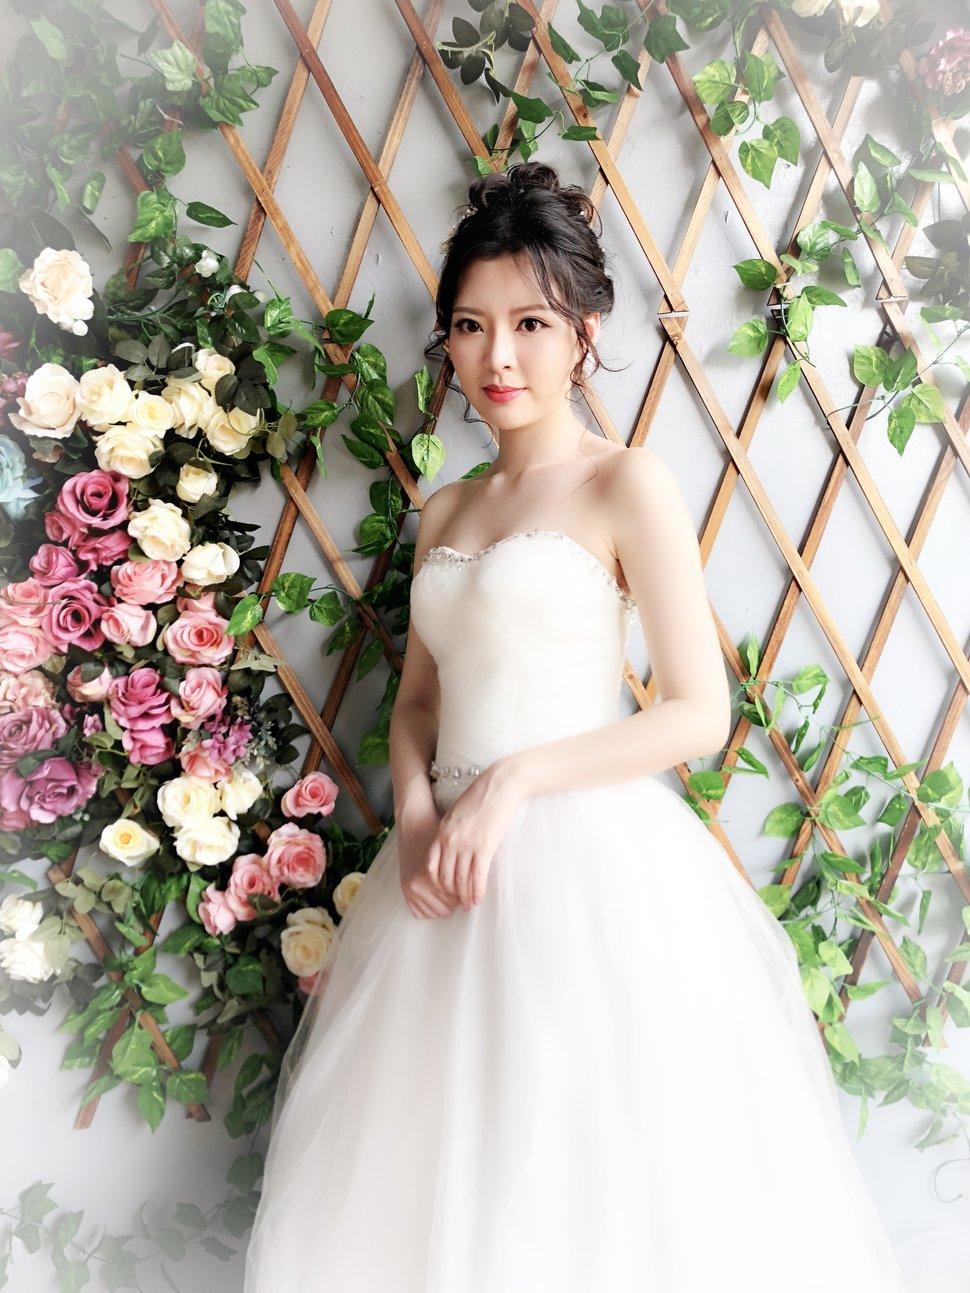 E46D670F-EC5C-4BD6-B39F-F31A5F74BE21 - YI MO 米米 makeup Stud《結婚吧》